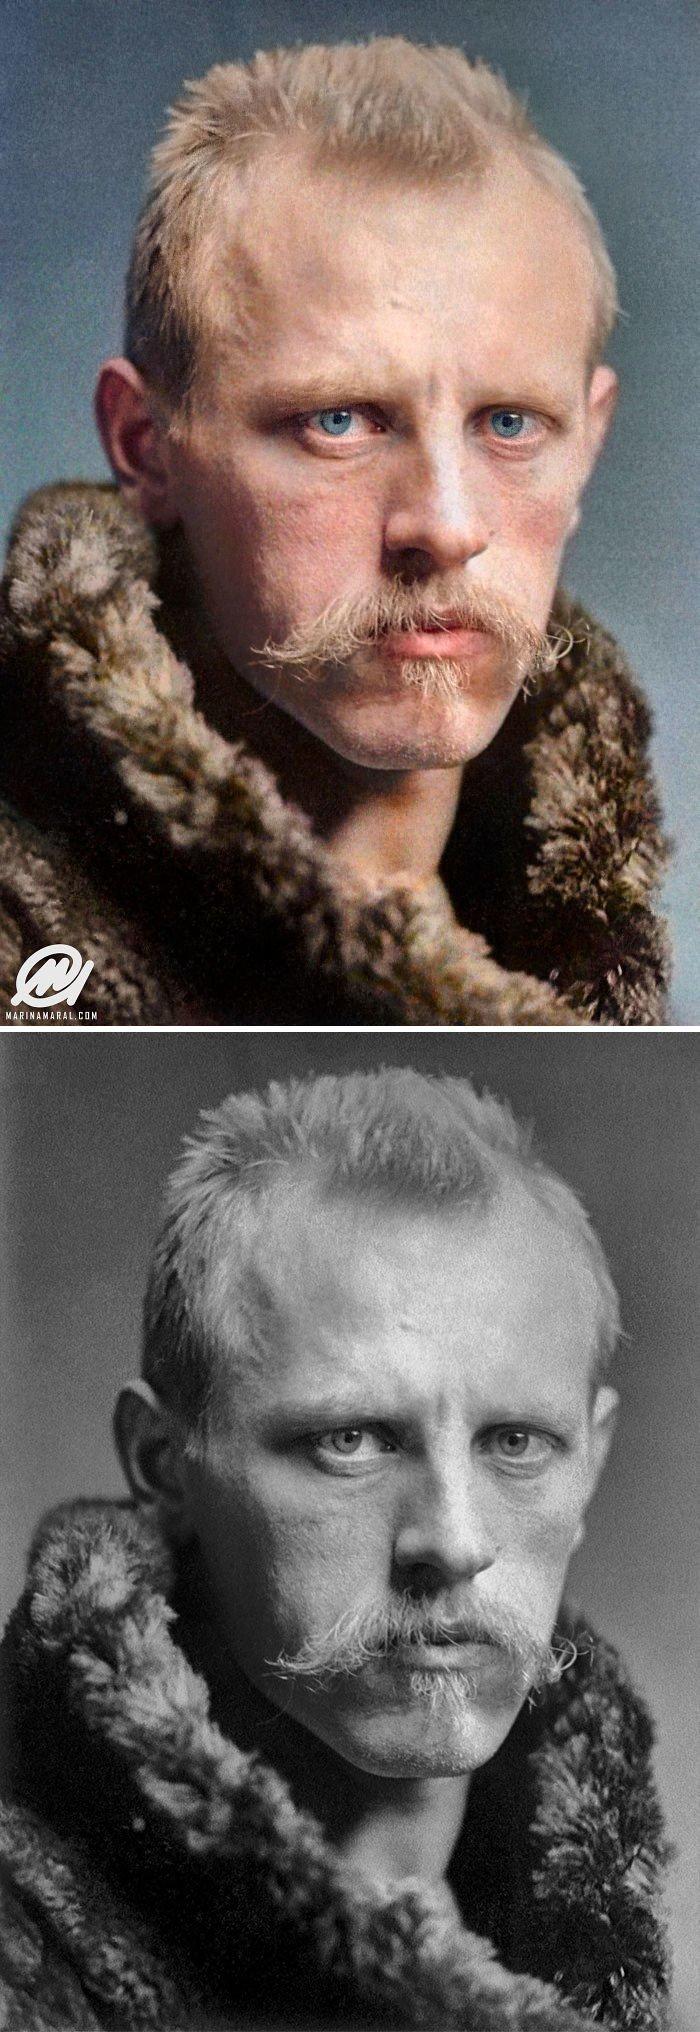 Фритьоф Нансен история, портрет, прошлое, событие, фотография, фотомир, цвет